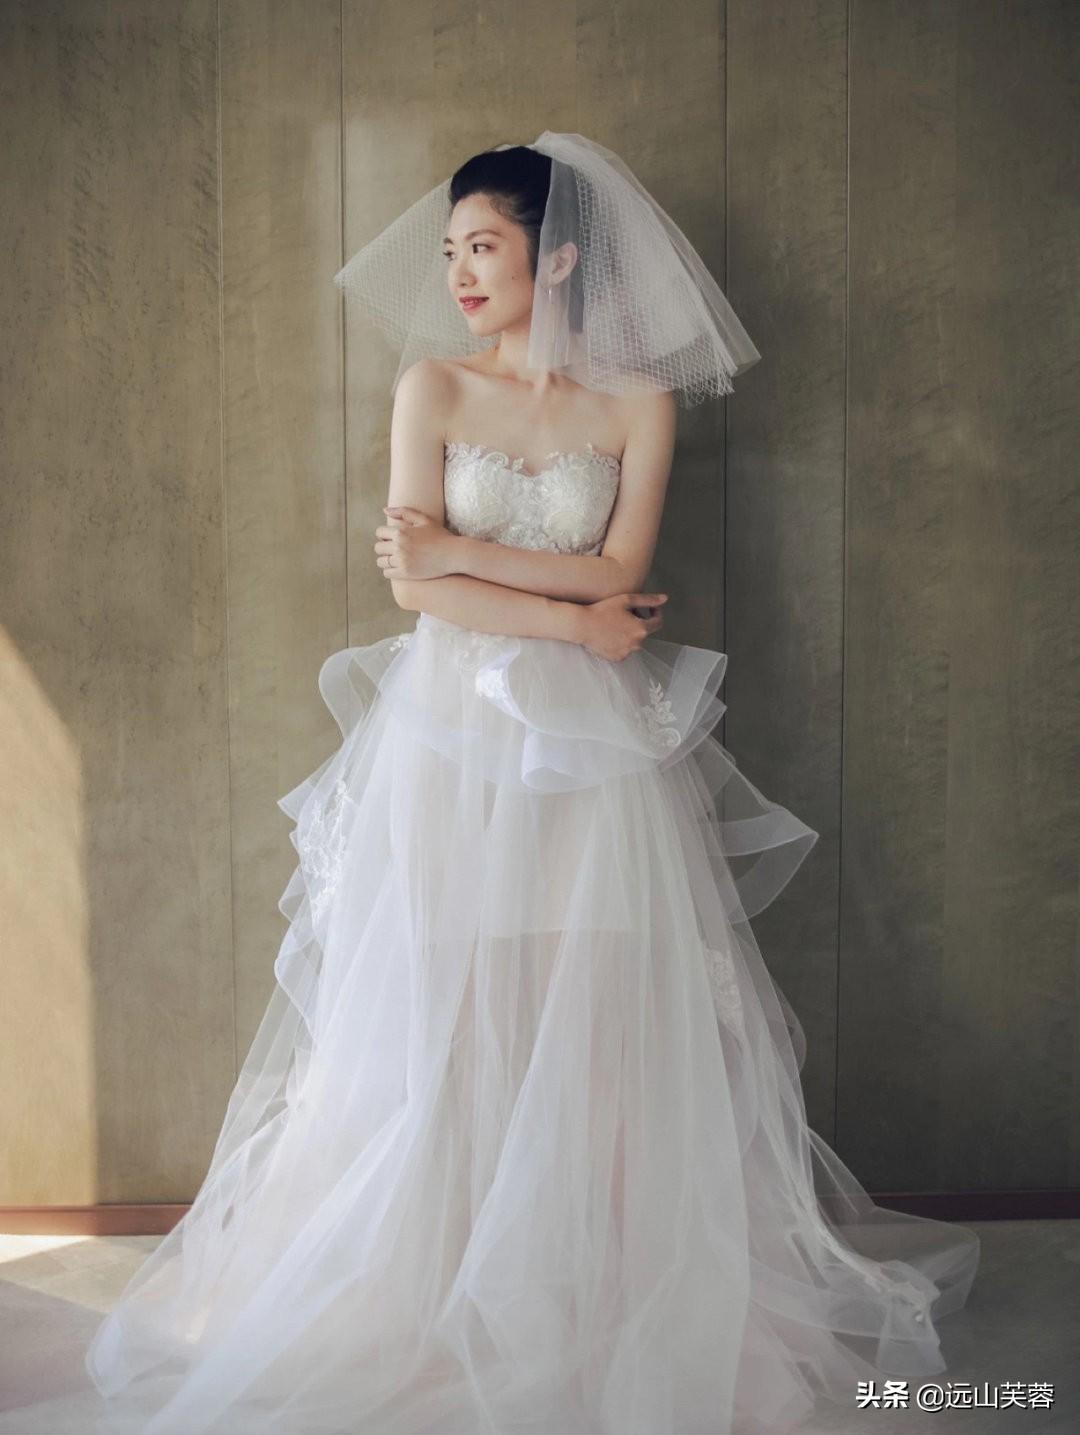 女性穿上婚纱的时候最美-7.jpg